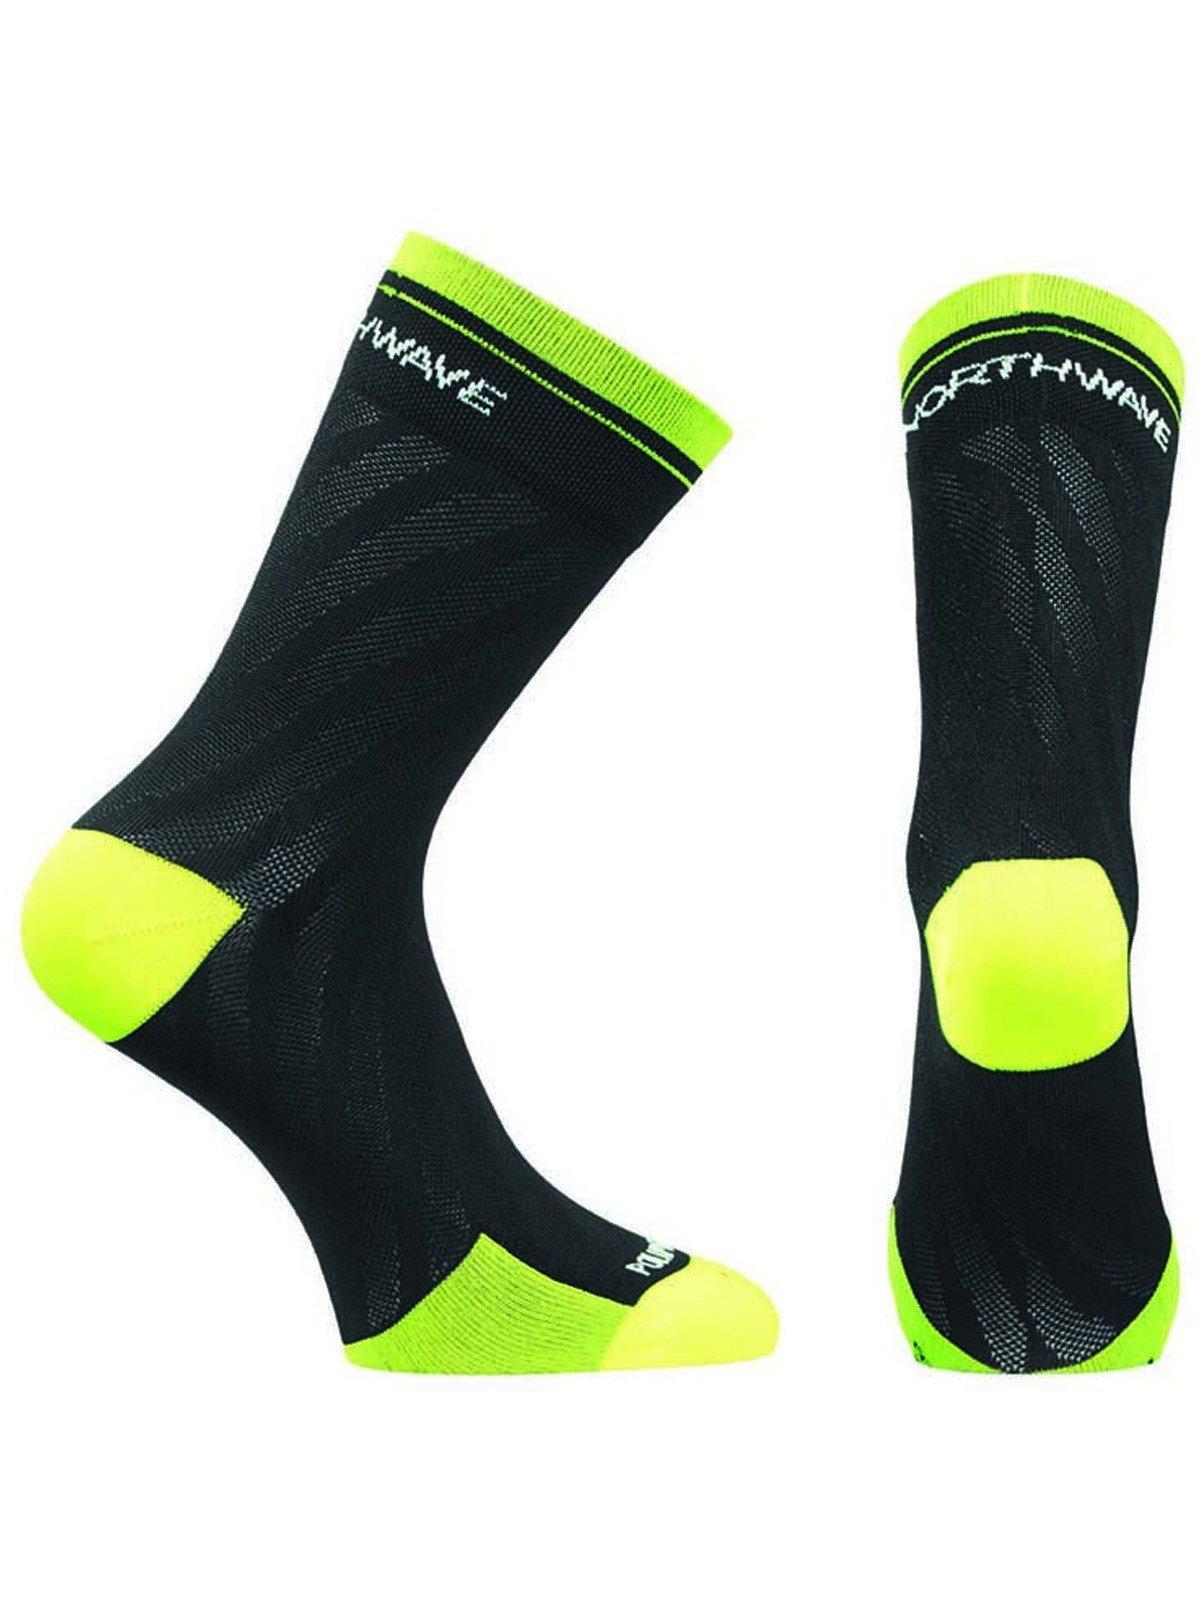 Northwave New Logo strømper til kvinder sort/gul | Socks